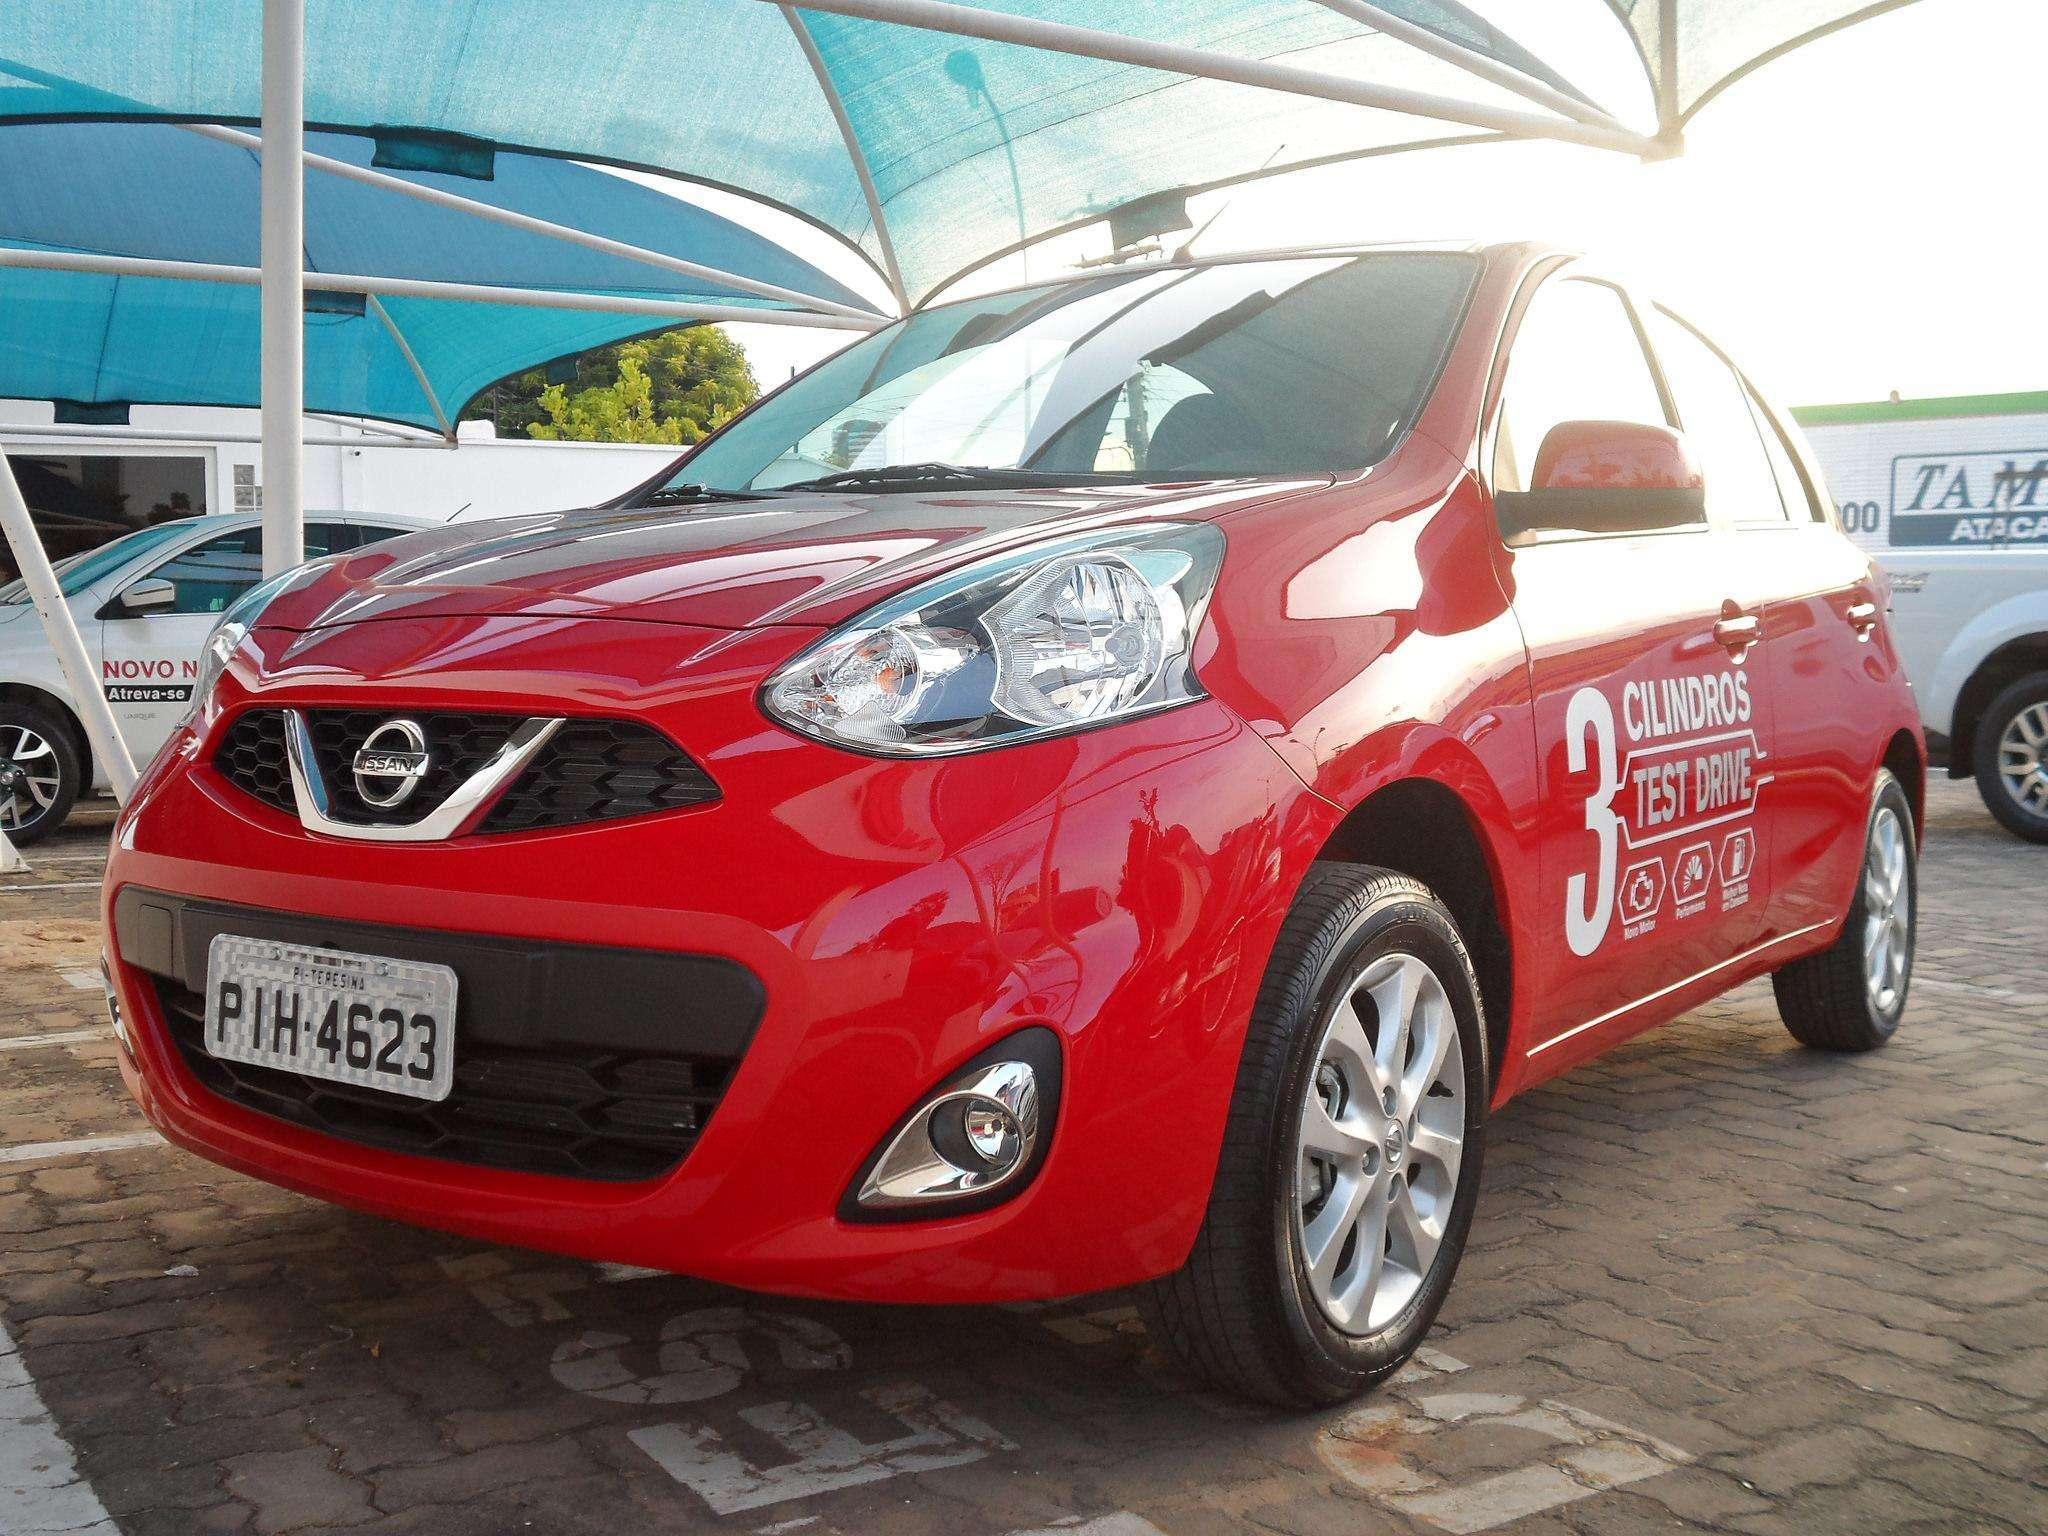 Testado e aprovado: Nissan March é o hatch 3-cilindros mais econômico